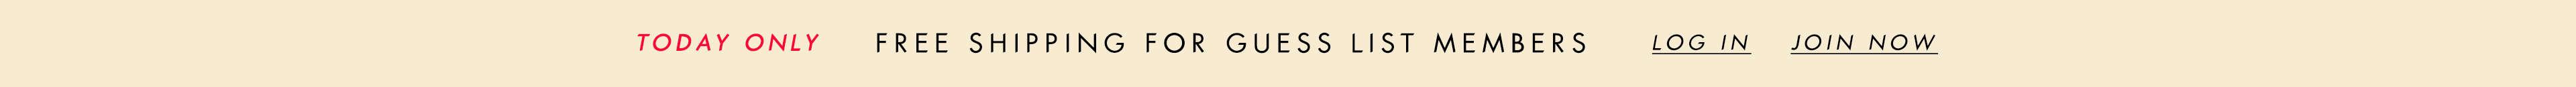 Guess List